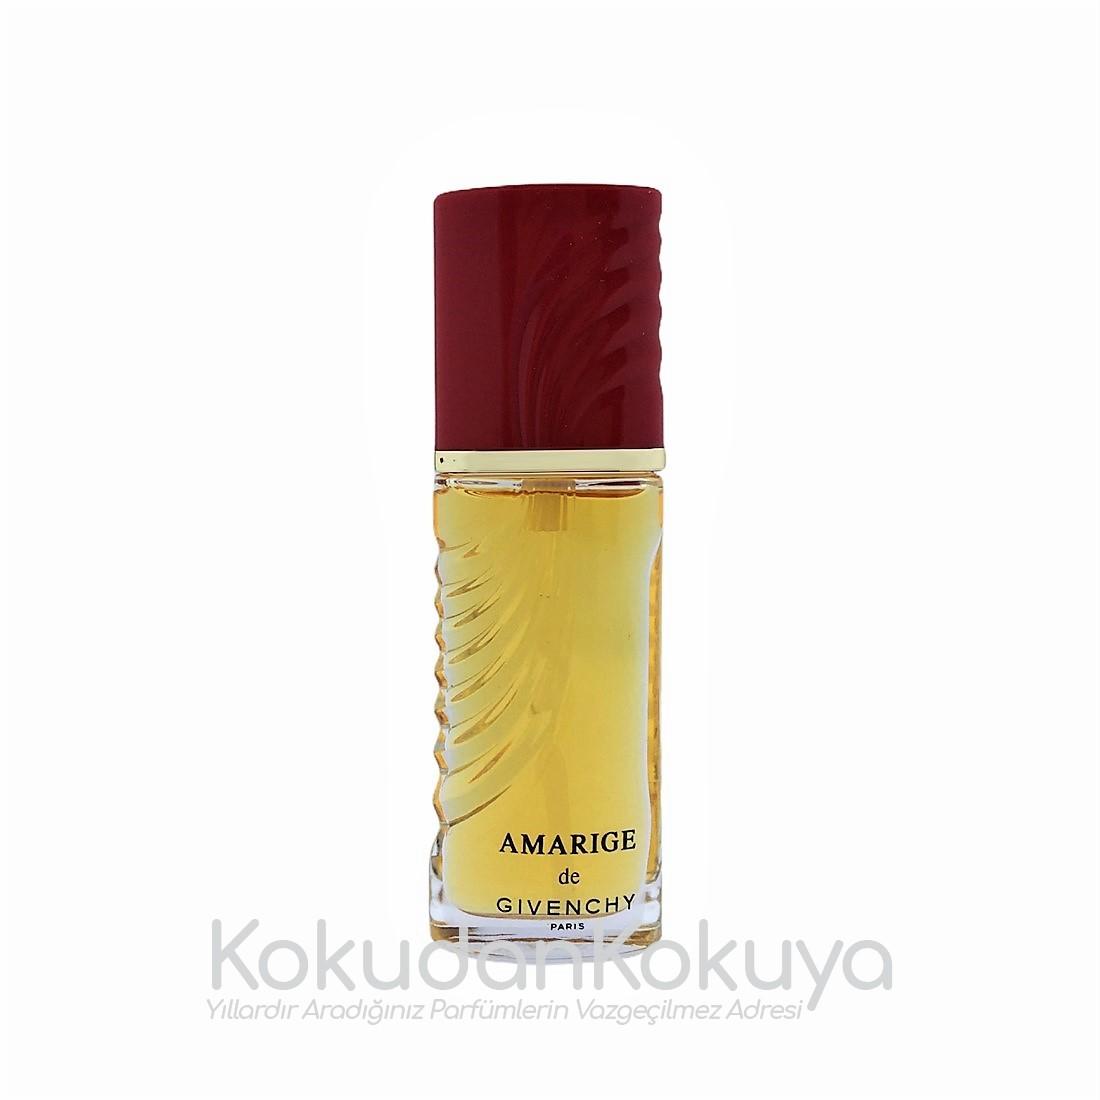 GIVENCHY Amarige (Vintage) Parfüm Kadın 15ml Eau De Toilette (EDT) Sprey